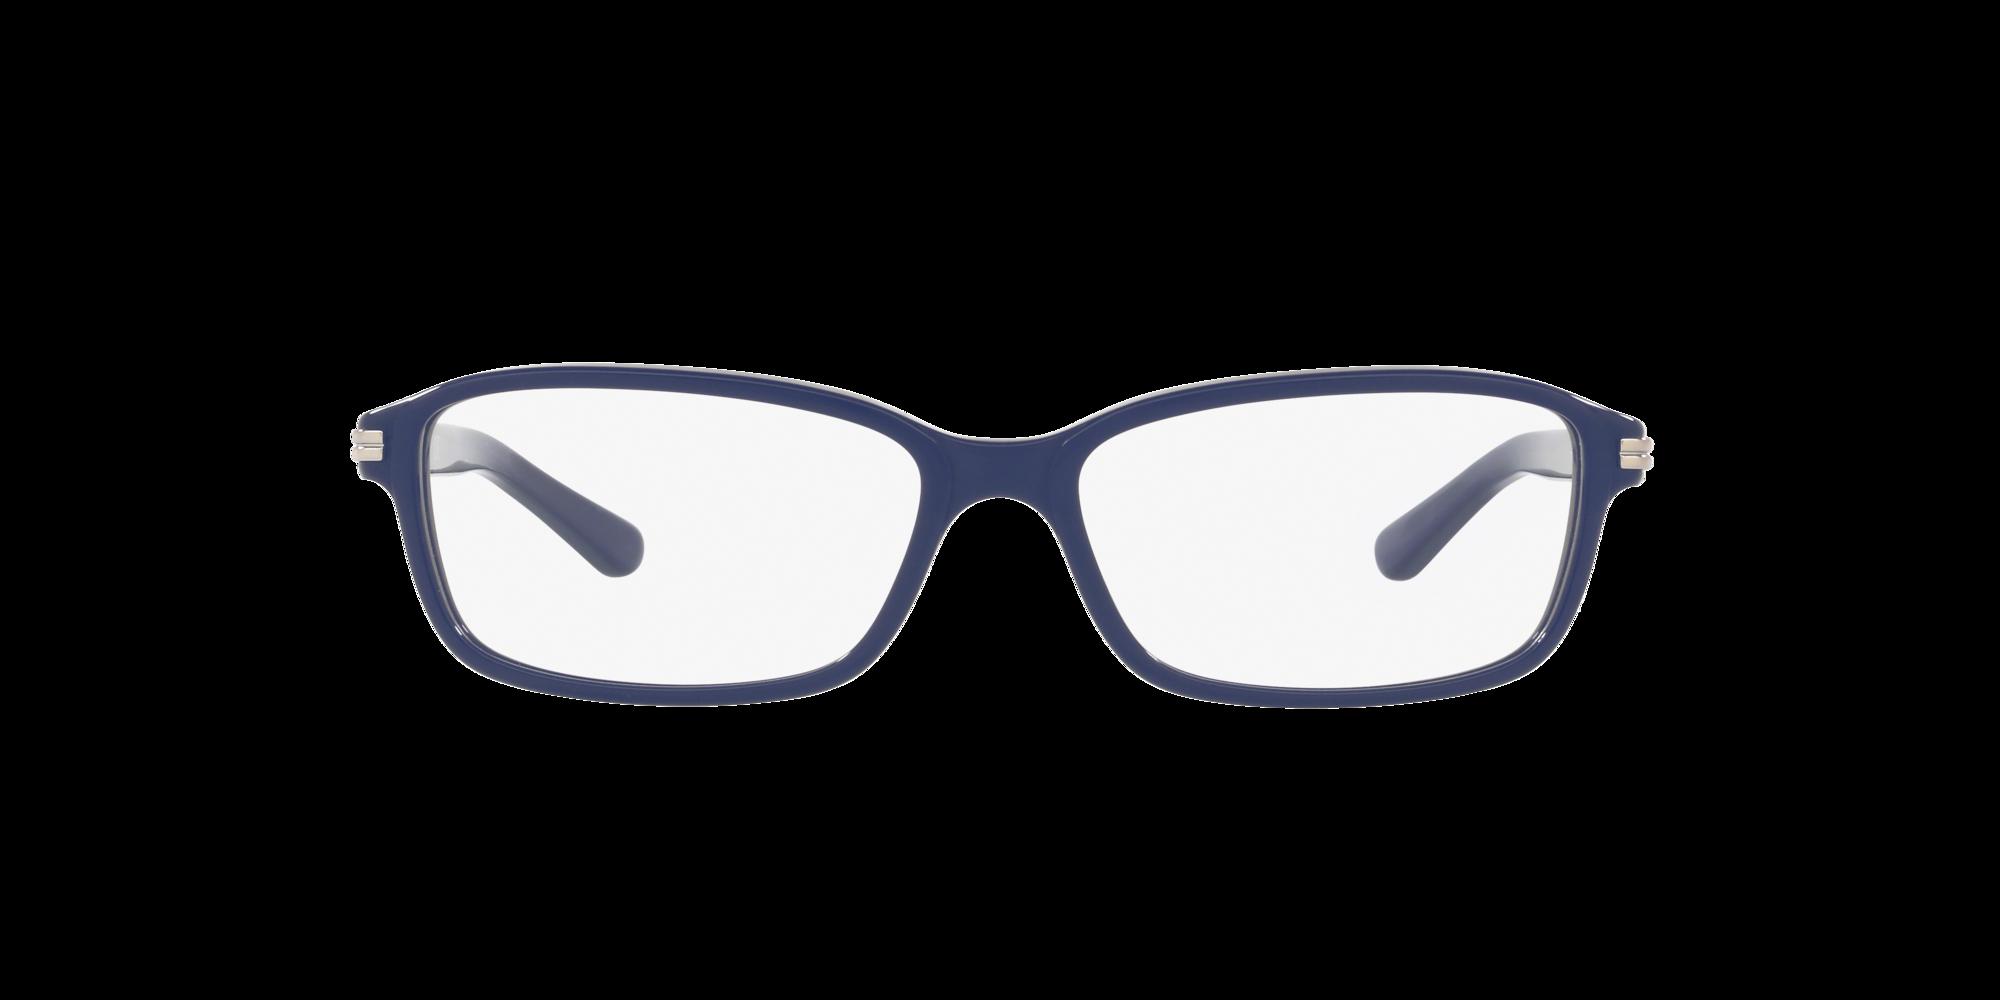 Imagen para TY2101 de LensCrafters |  Espejuelos, espejuelos graduados en línea, gafas